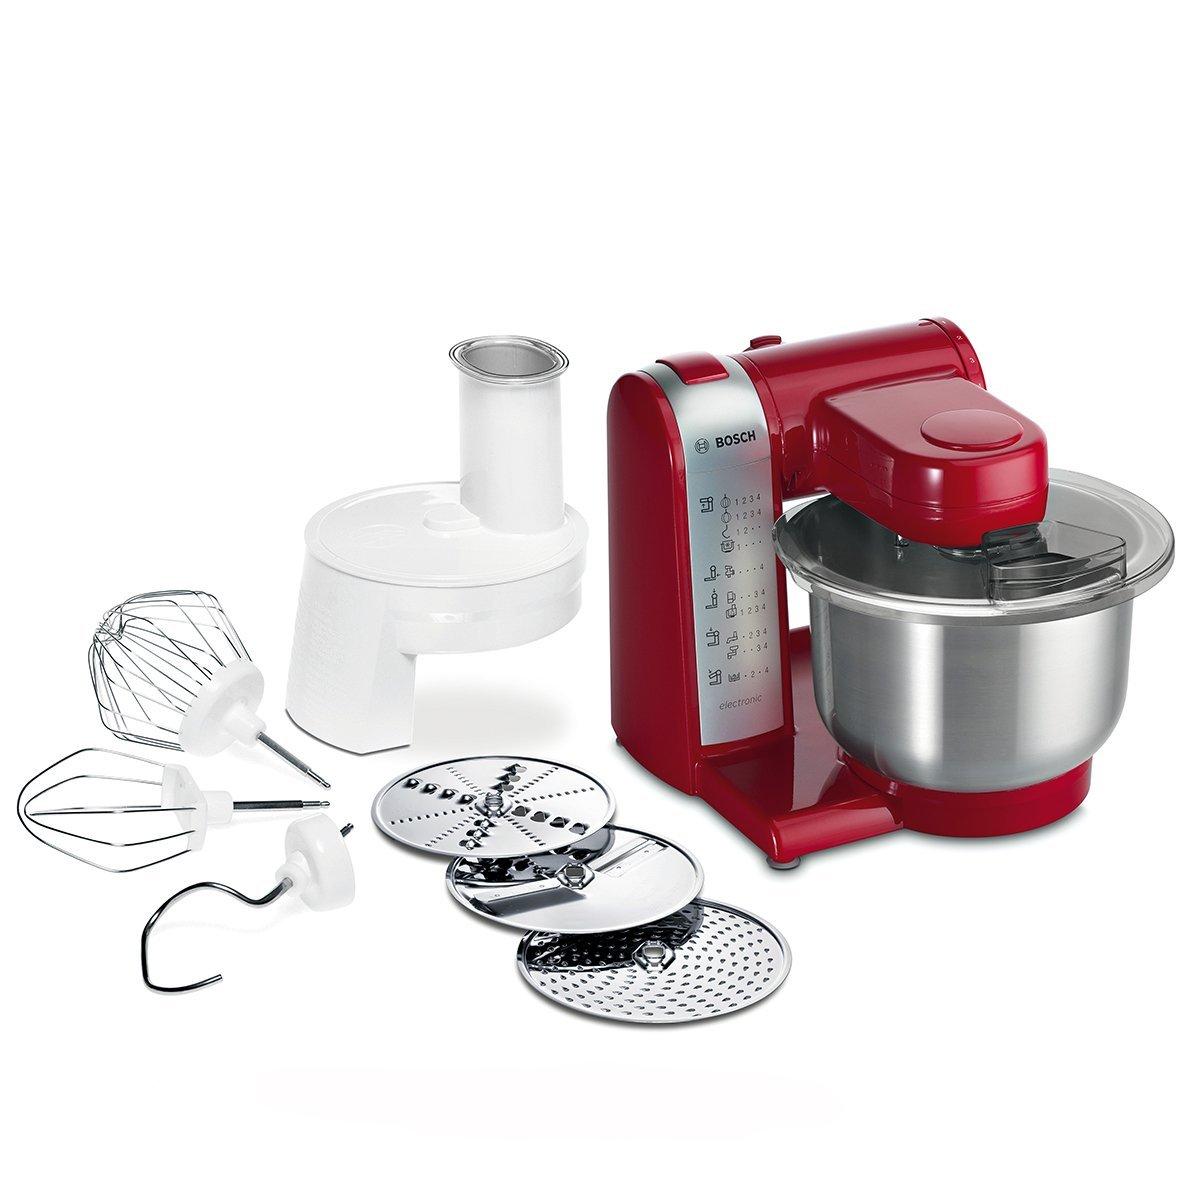 Ist eine Küchenmaschine eine sinnvolle Anschaffung?